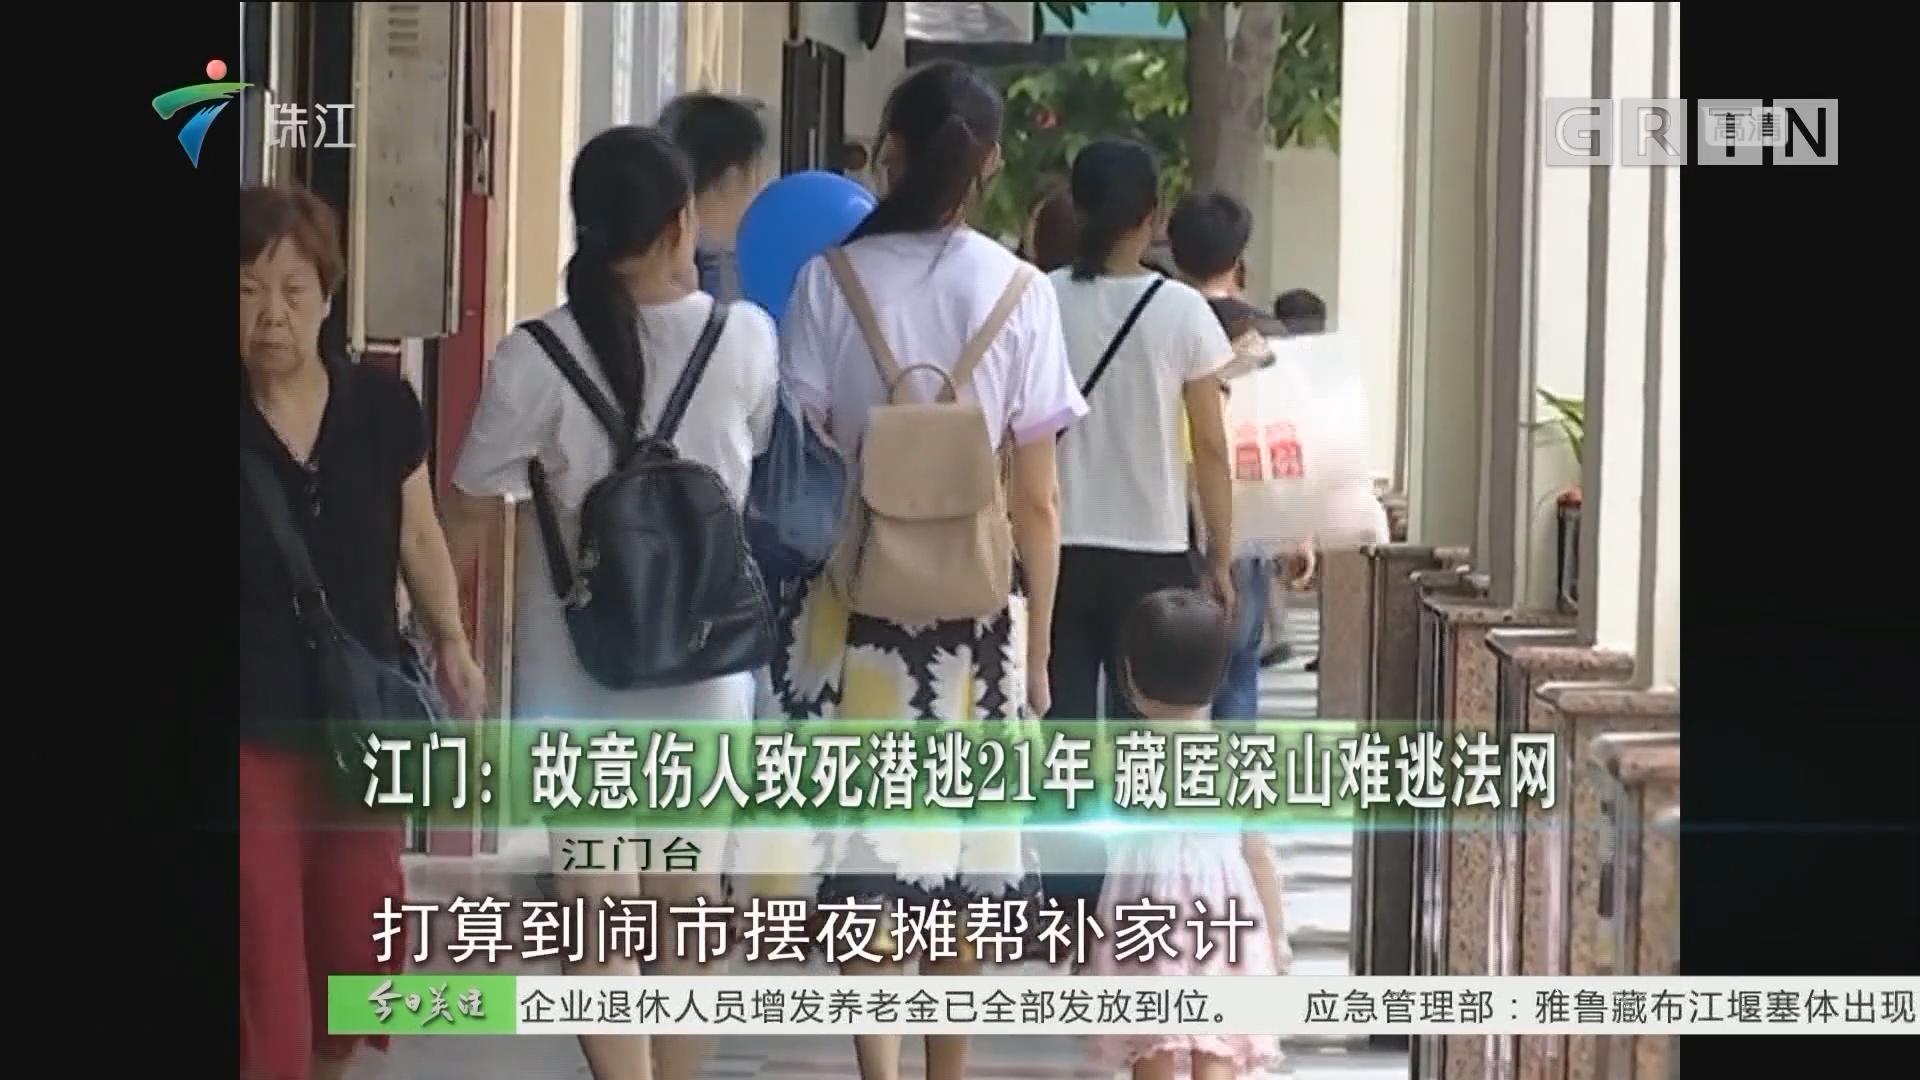 江门:故意伤人致死潜逃21年 藏匿深山难逃法网